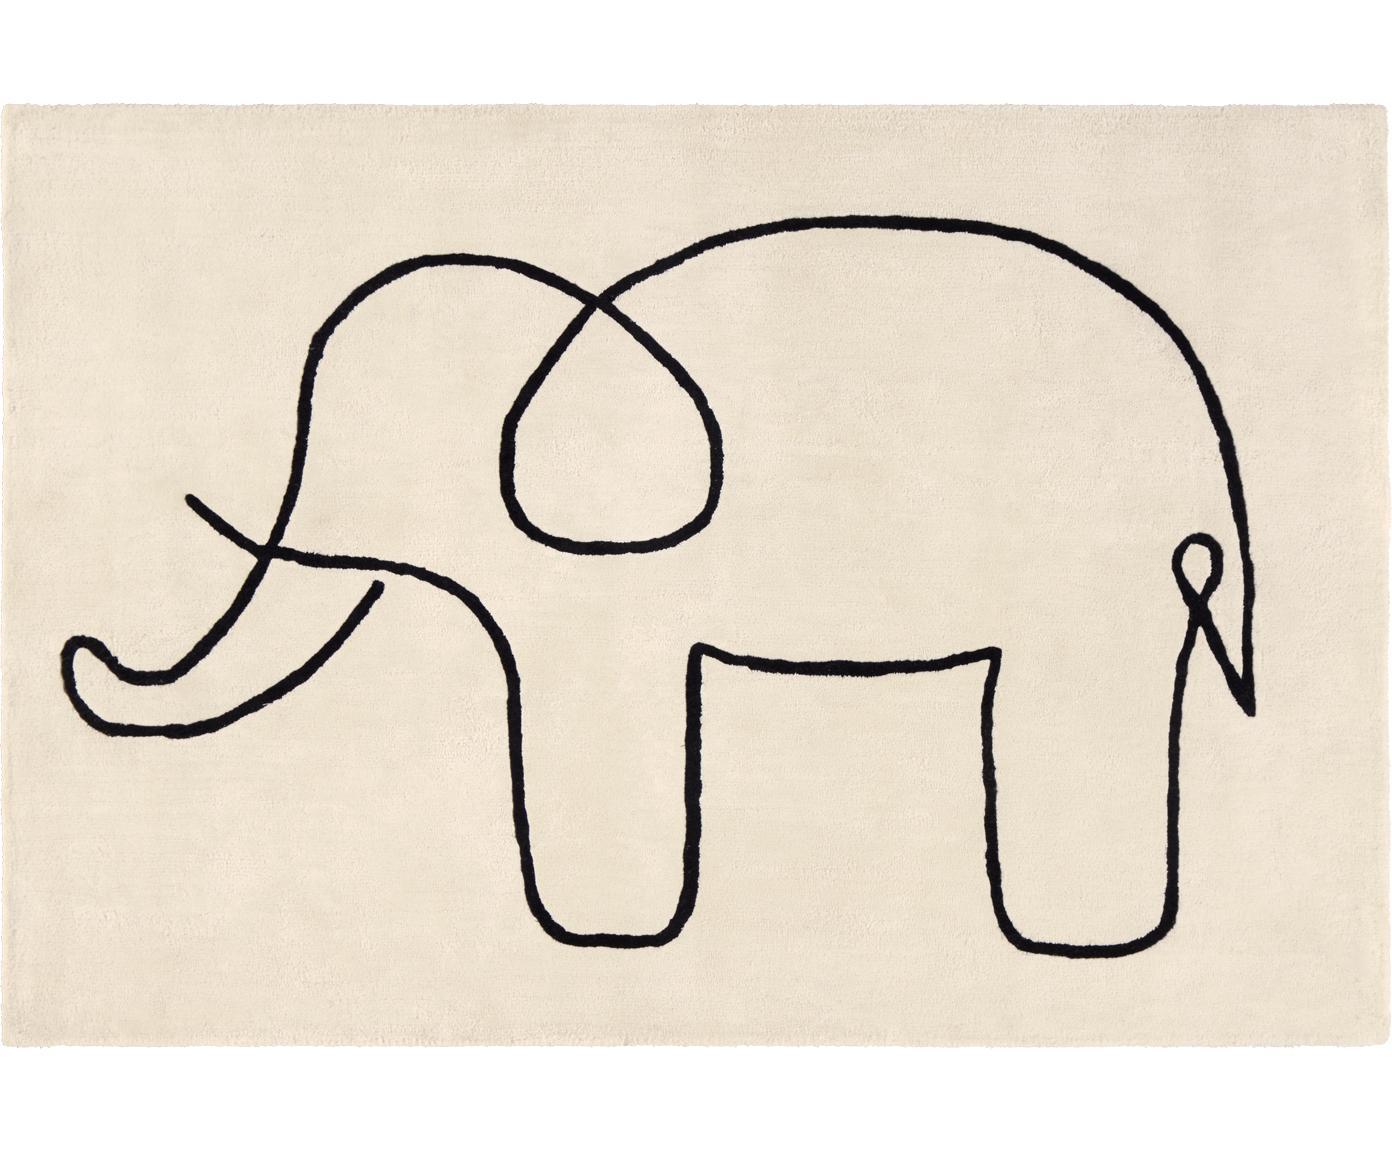 Dywan Sketchy Elephant, Wiskoza, Kremowobiały, czarny, S 130 x D 190 cm